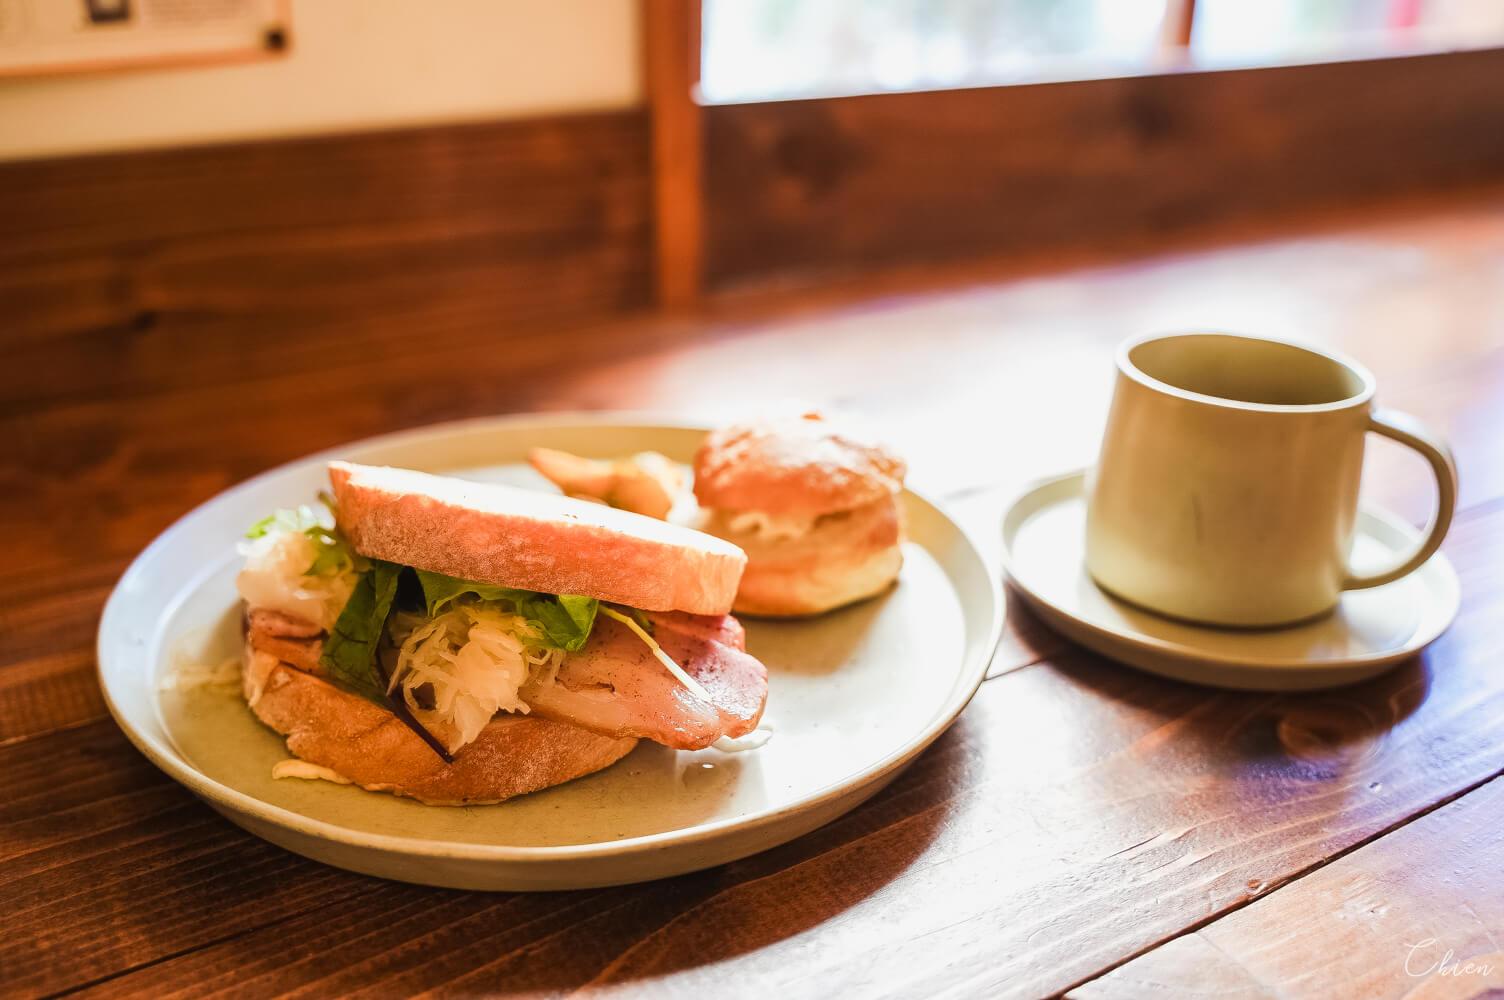 定山溪美食咖啡廳 J・glacée 三明治